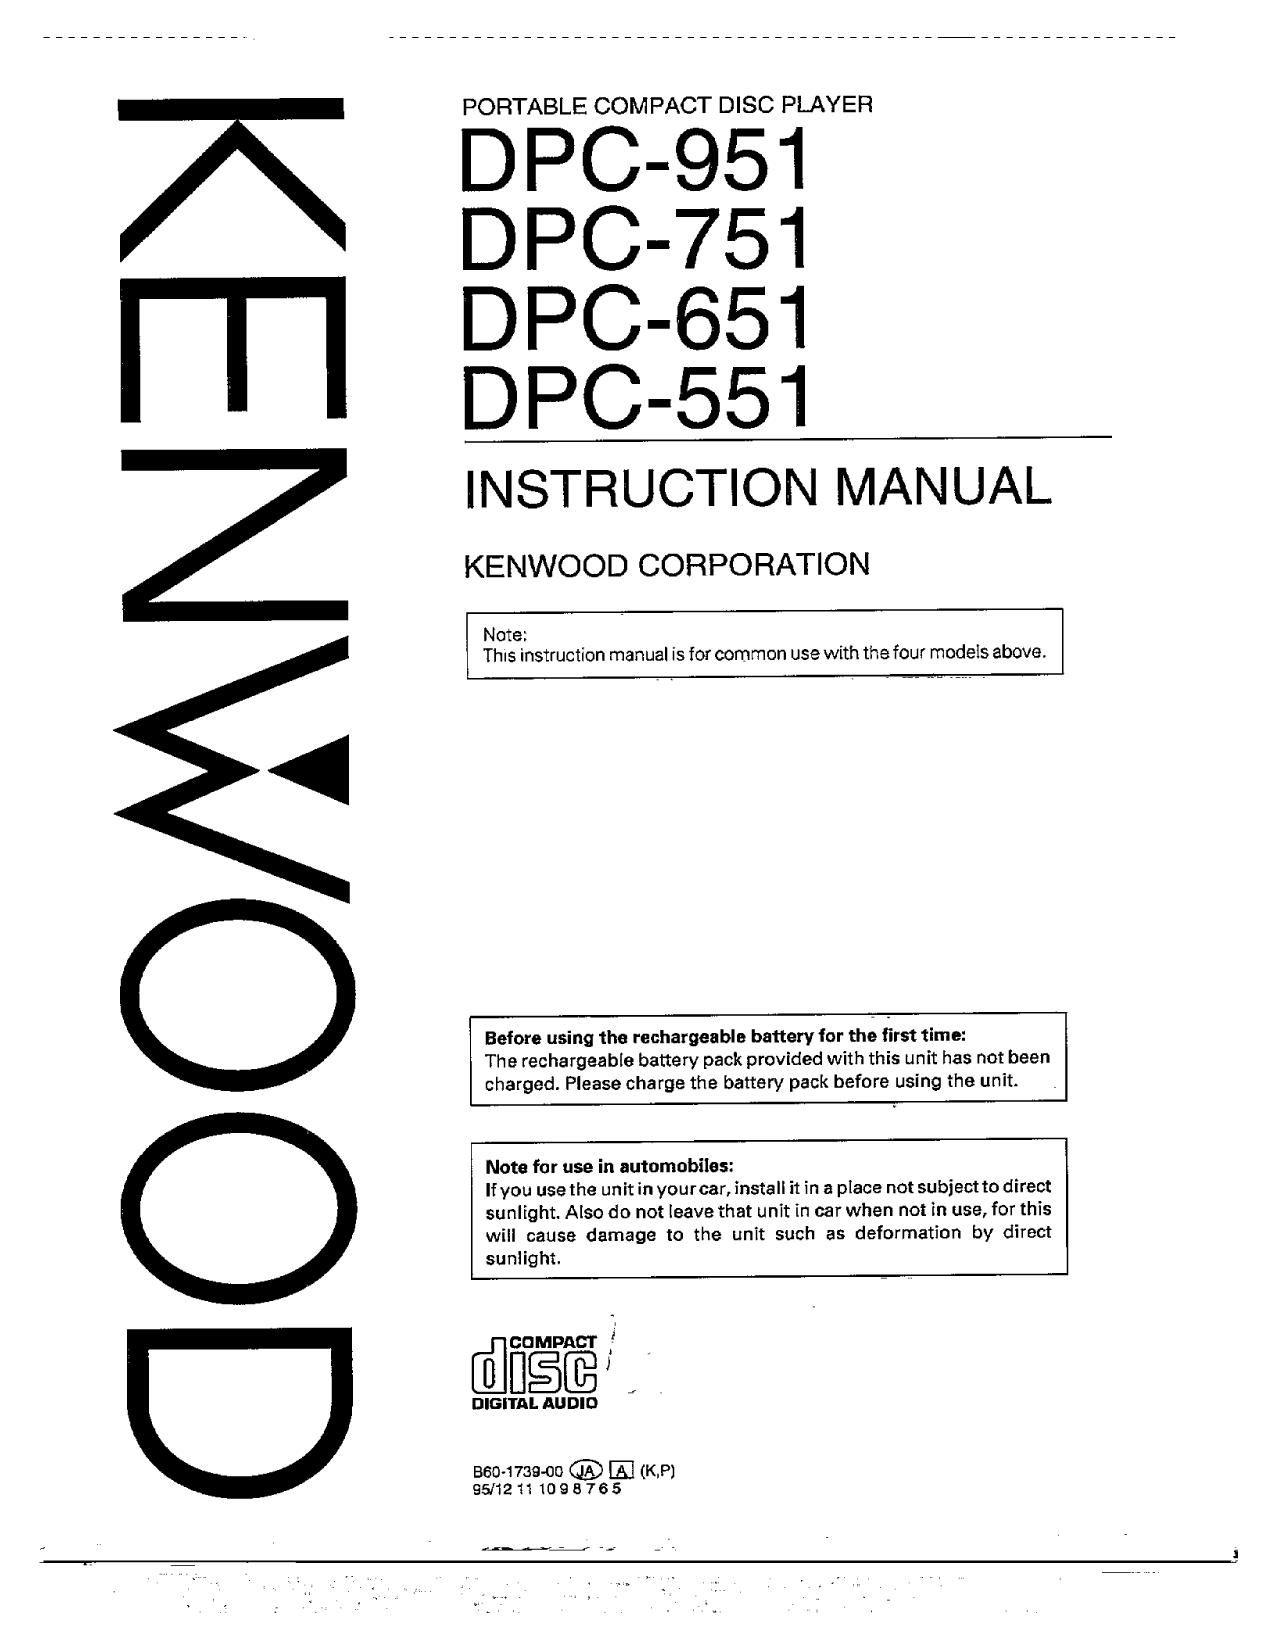 kenwood dpc 551 owners manual rh audioservicemanuals com kenwood owners manual dpx593bt kenwood owners manual download